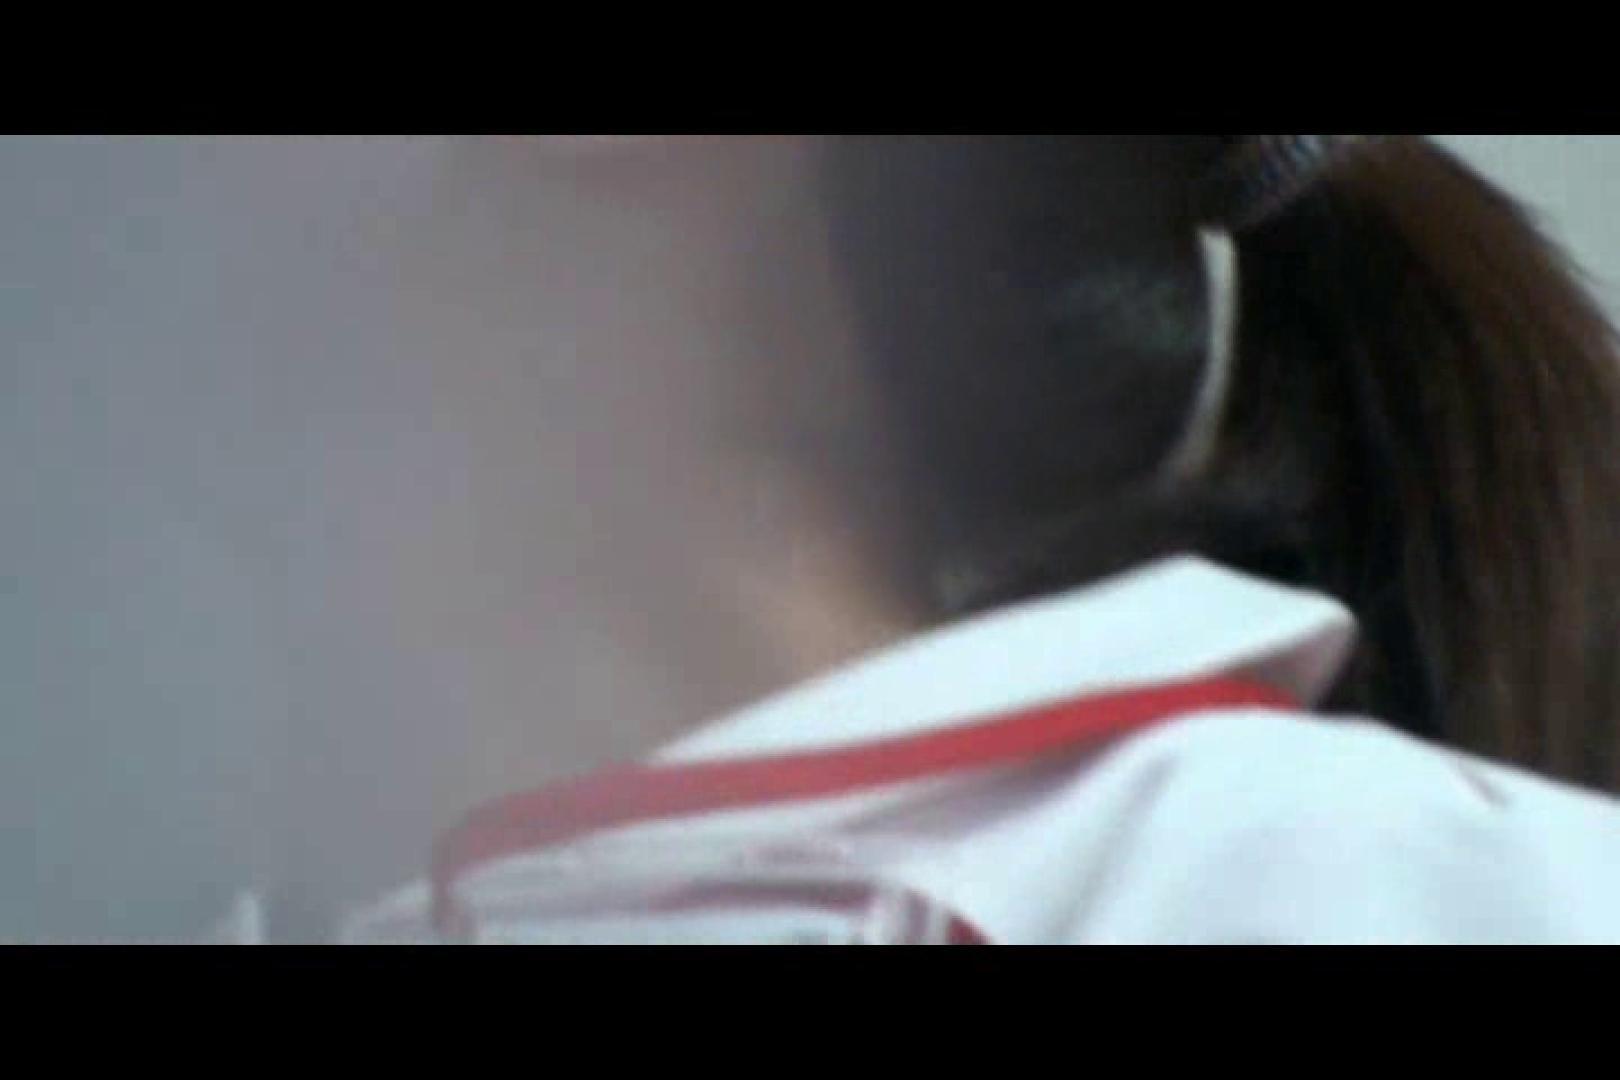 独占配信!無修正! 看護女子寮 vol.08 女子寮 | Hなナース  105pic 34